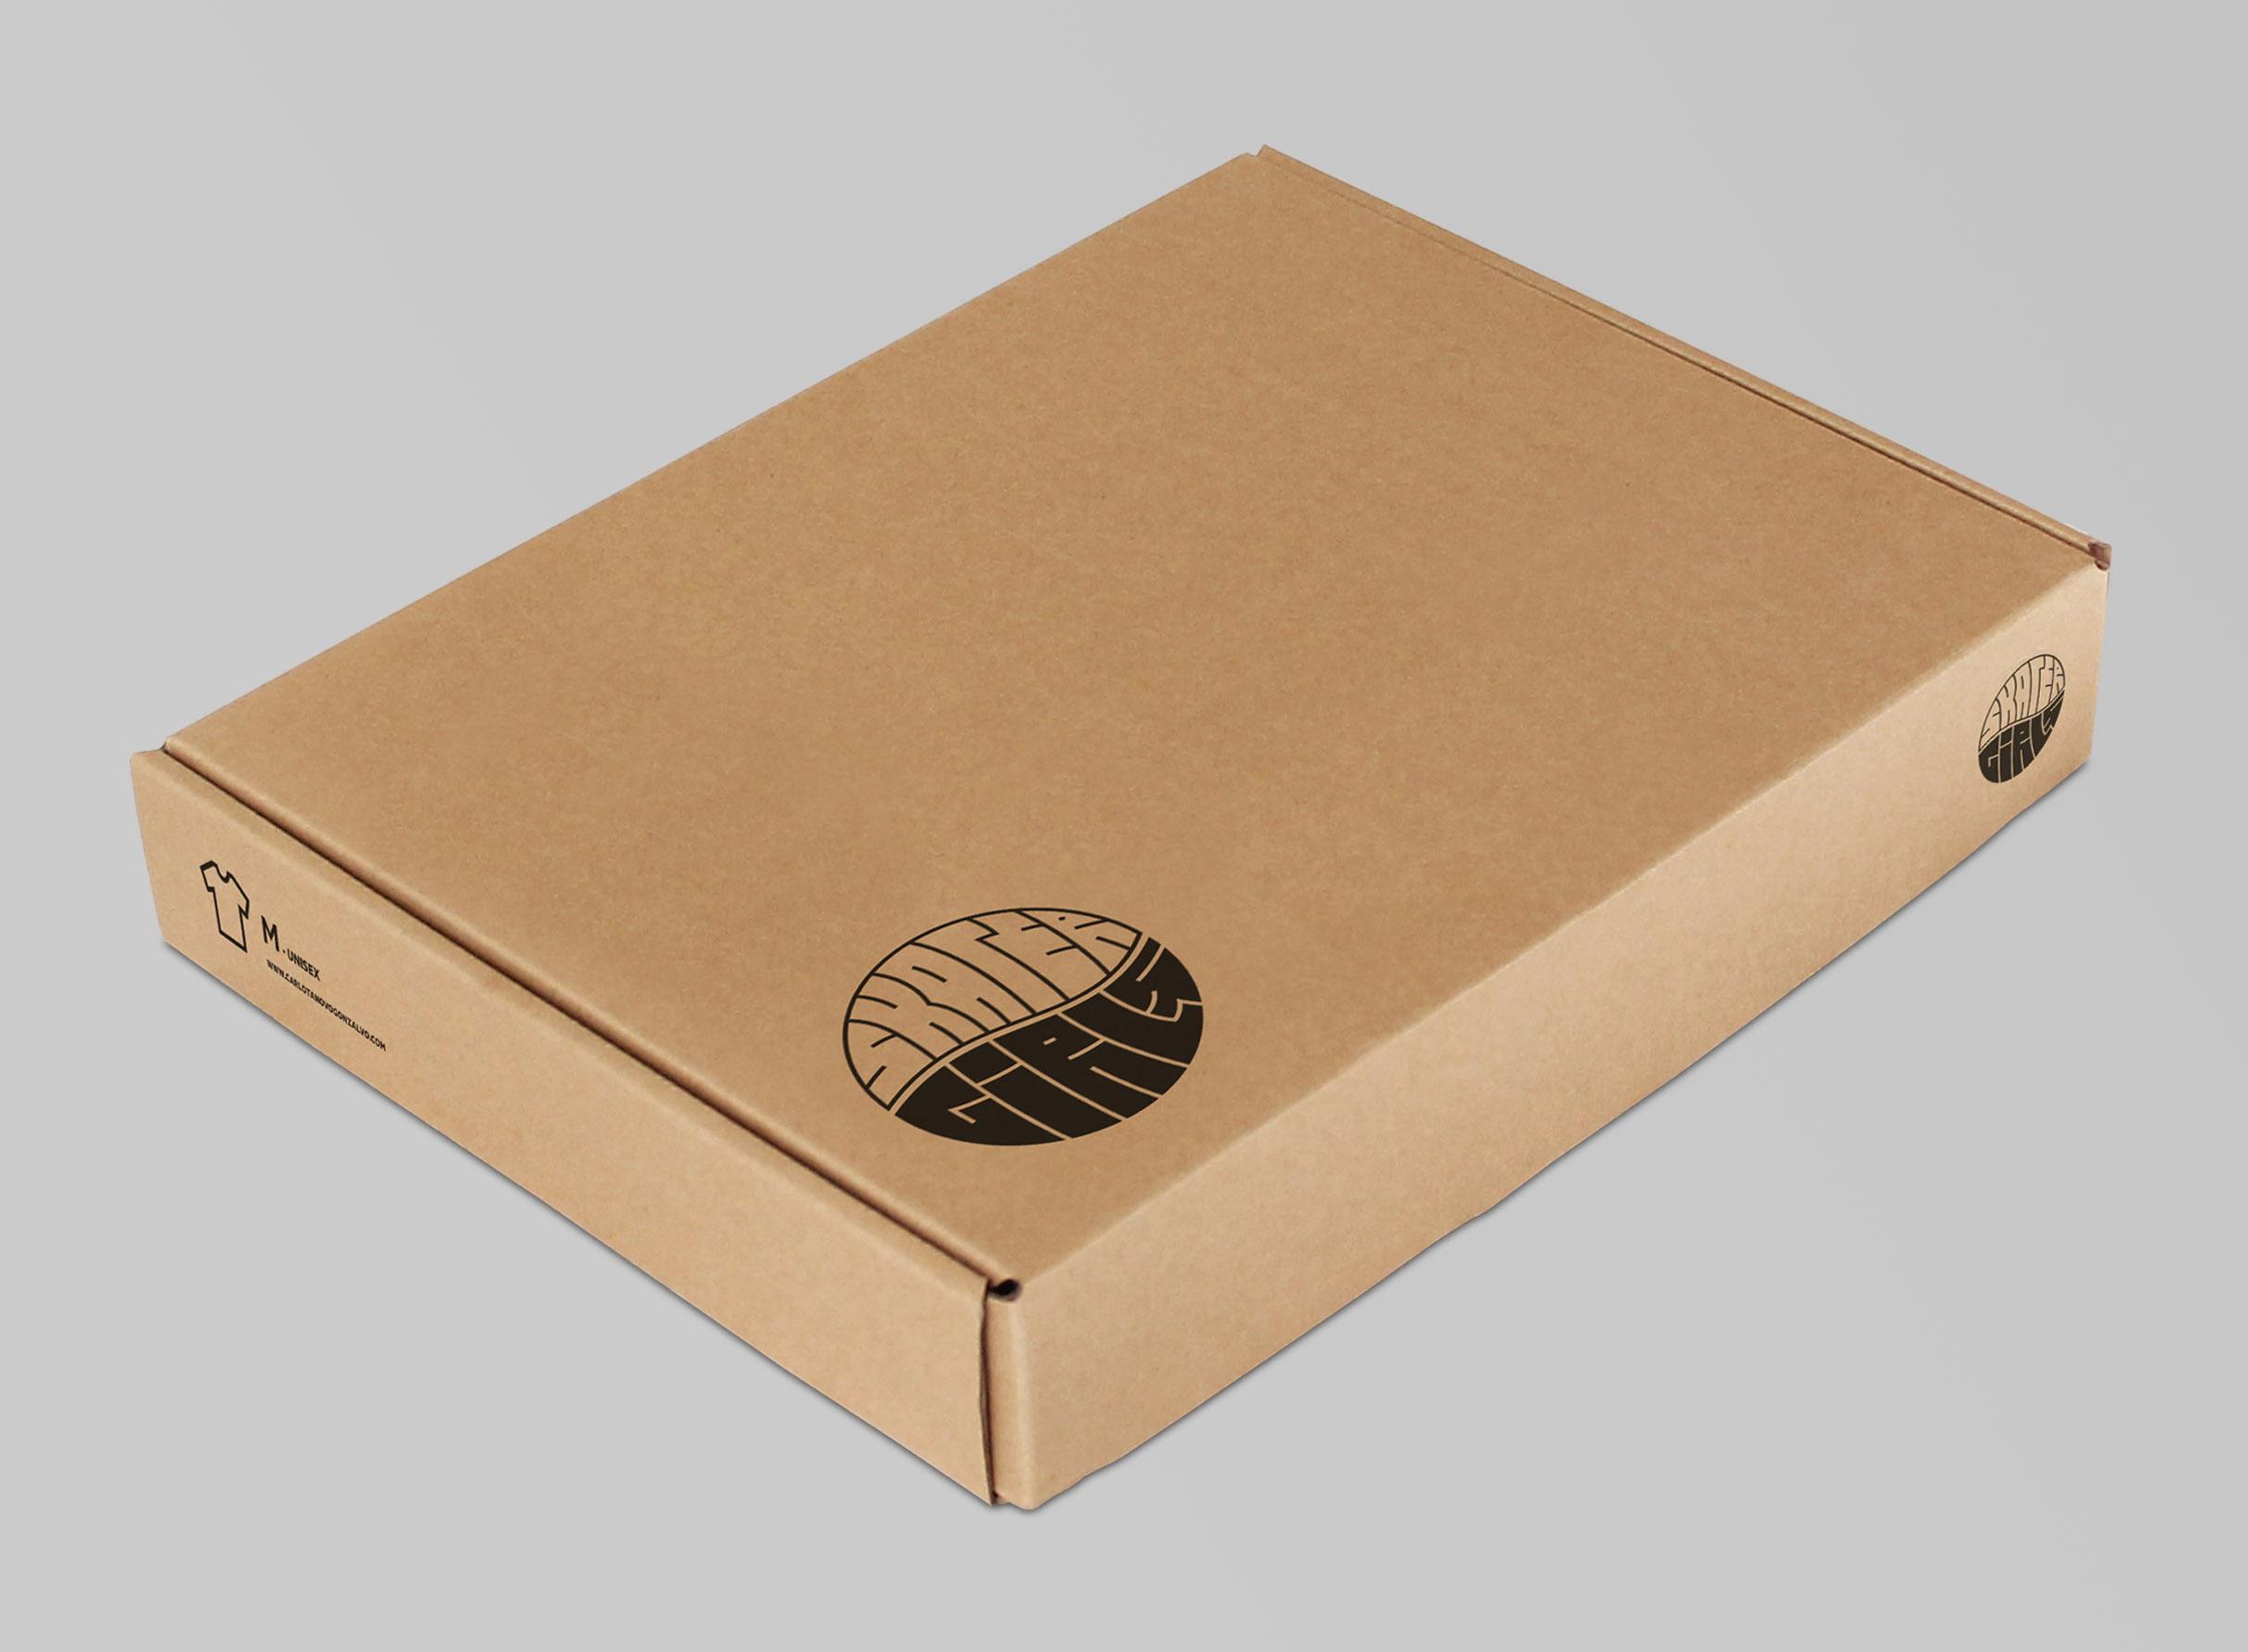 Skater-Girls-Shirt-Packaging-closed-zoom-1.jpg